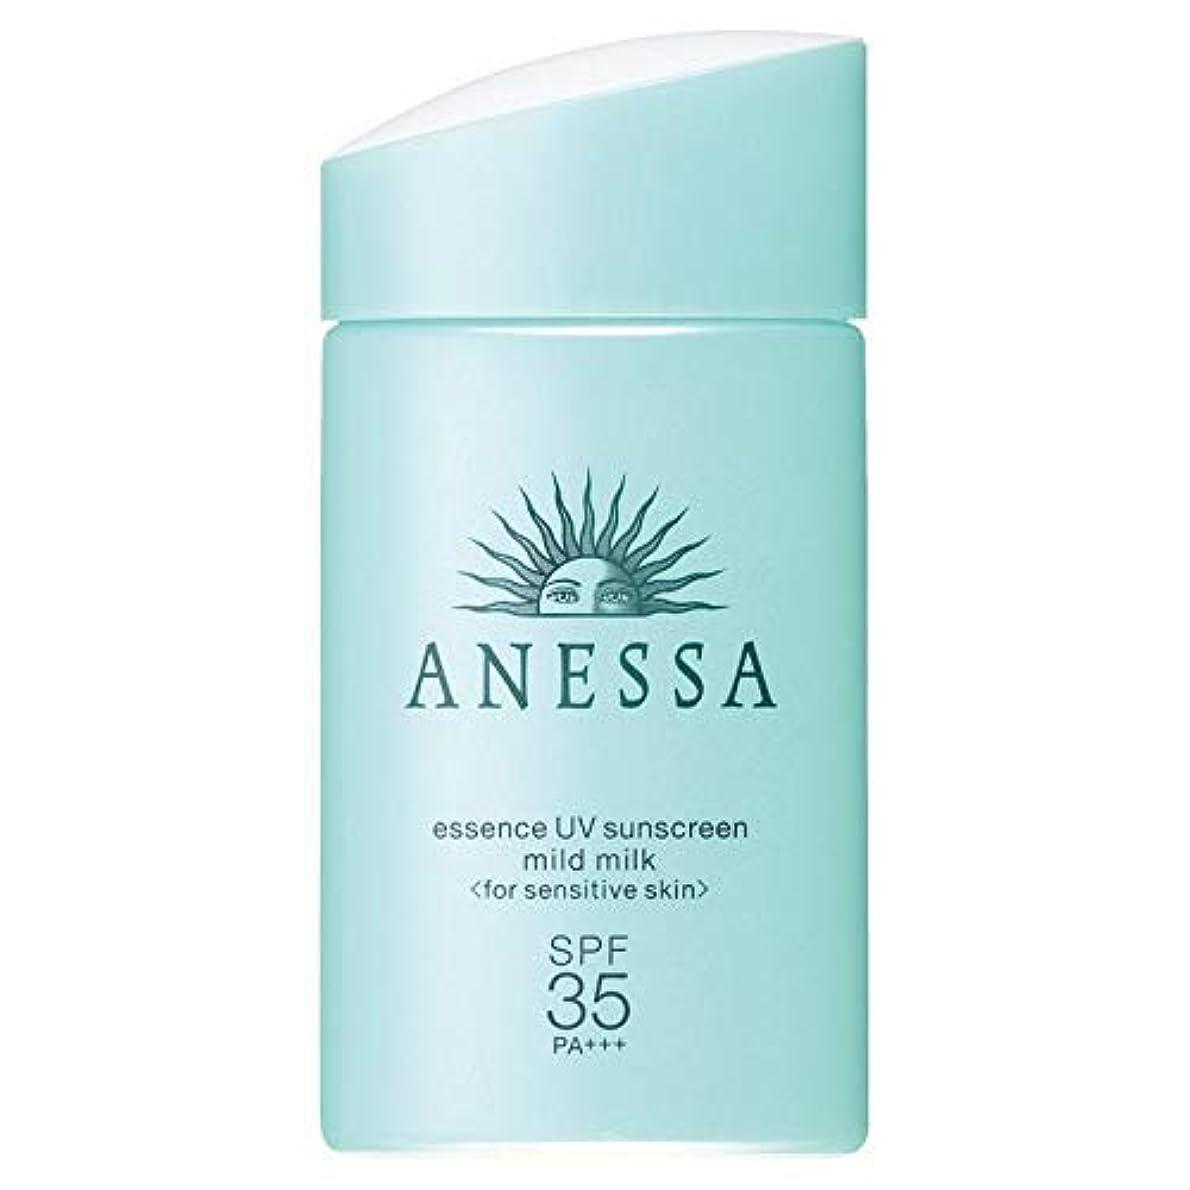 記念日ダニ繊維ANESSA エッセンス日焼け止めローション優しいミルク60ミリリットル